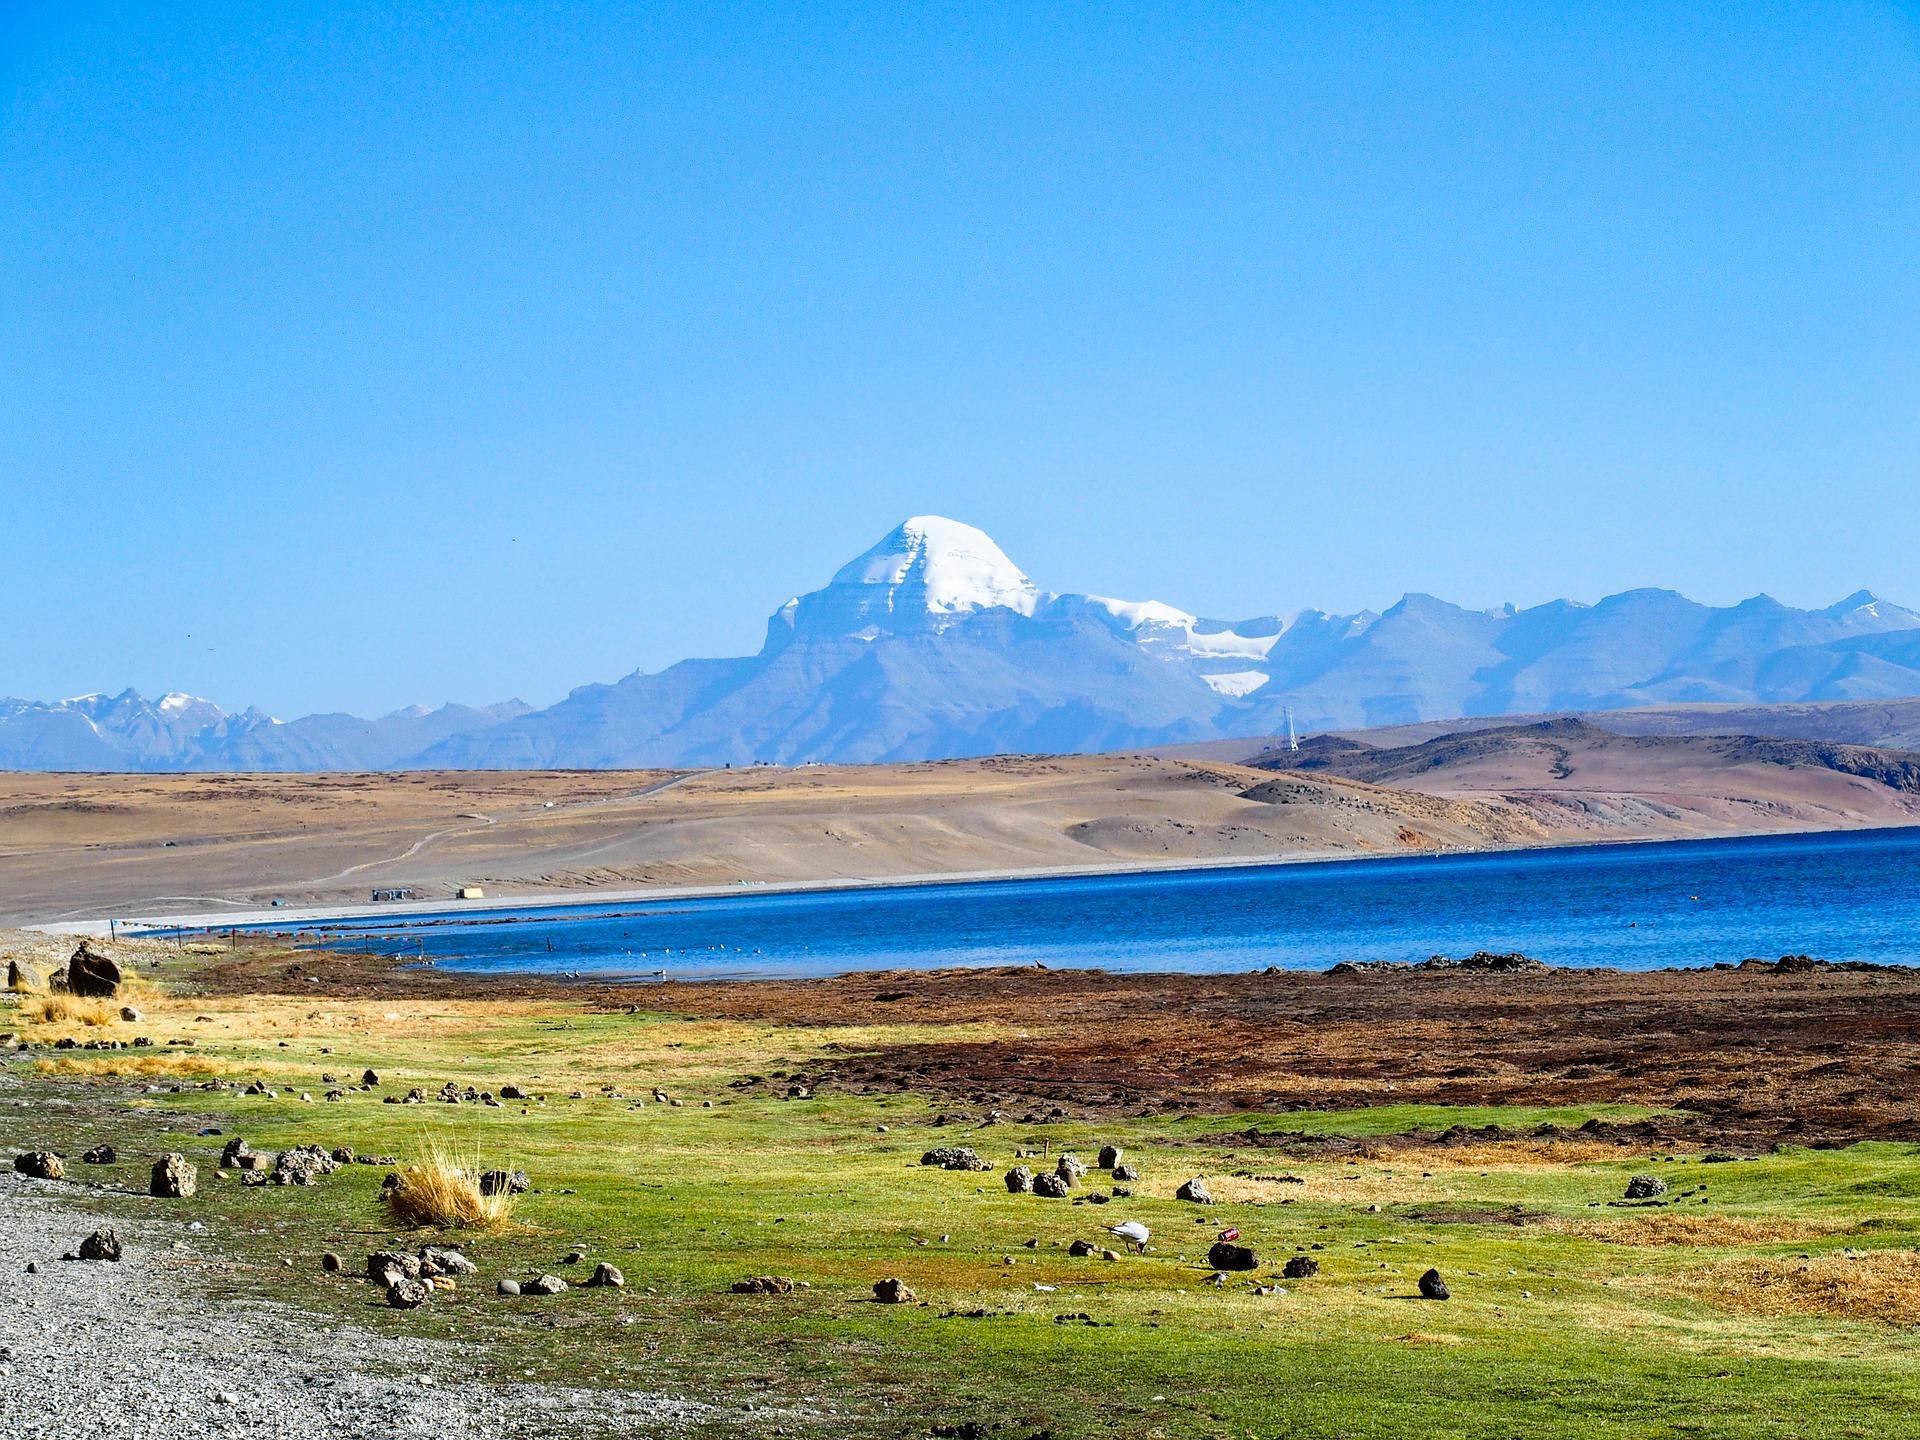 tibet-2163372_1920